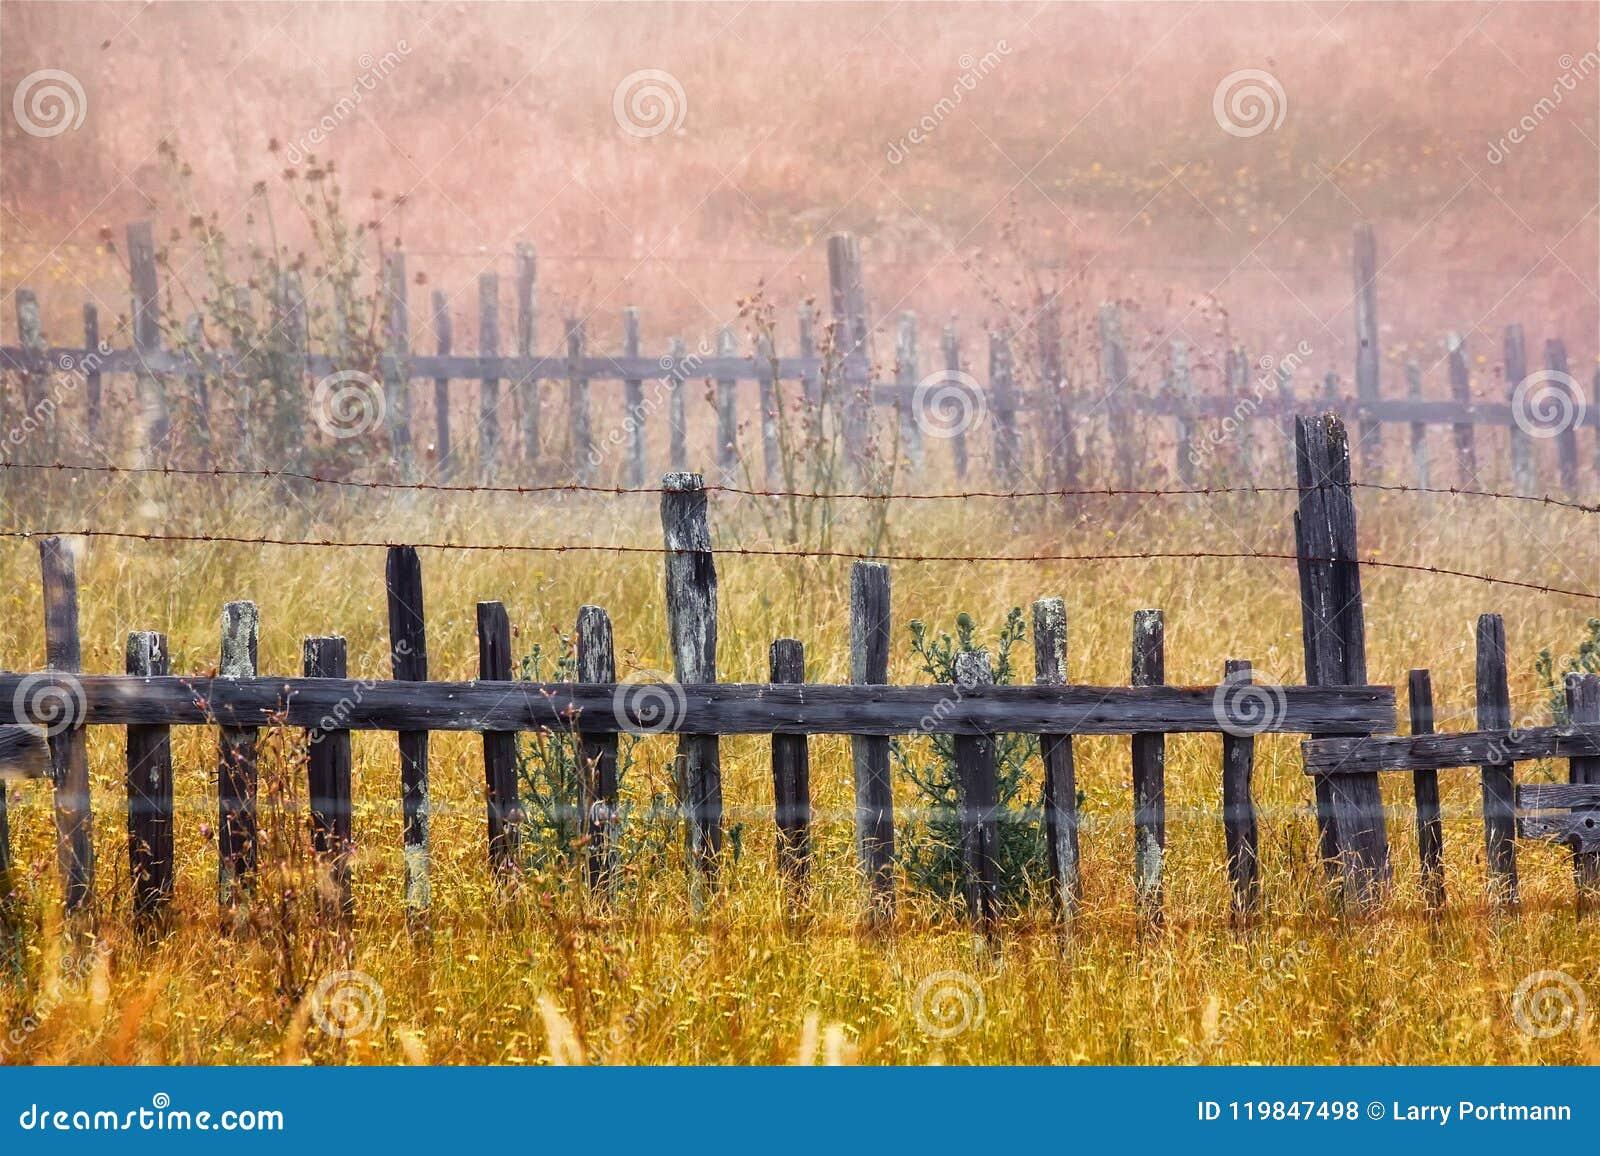 Drewniany ogrodzenie w polu